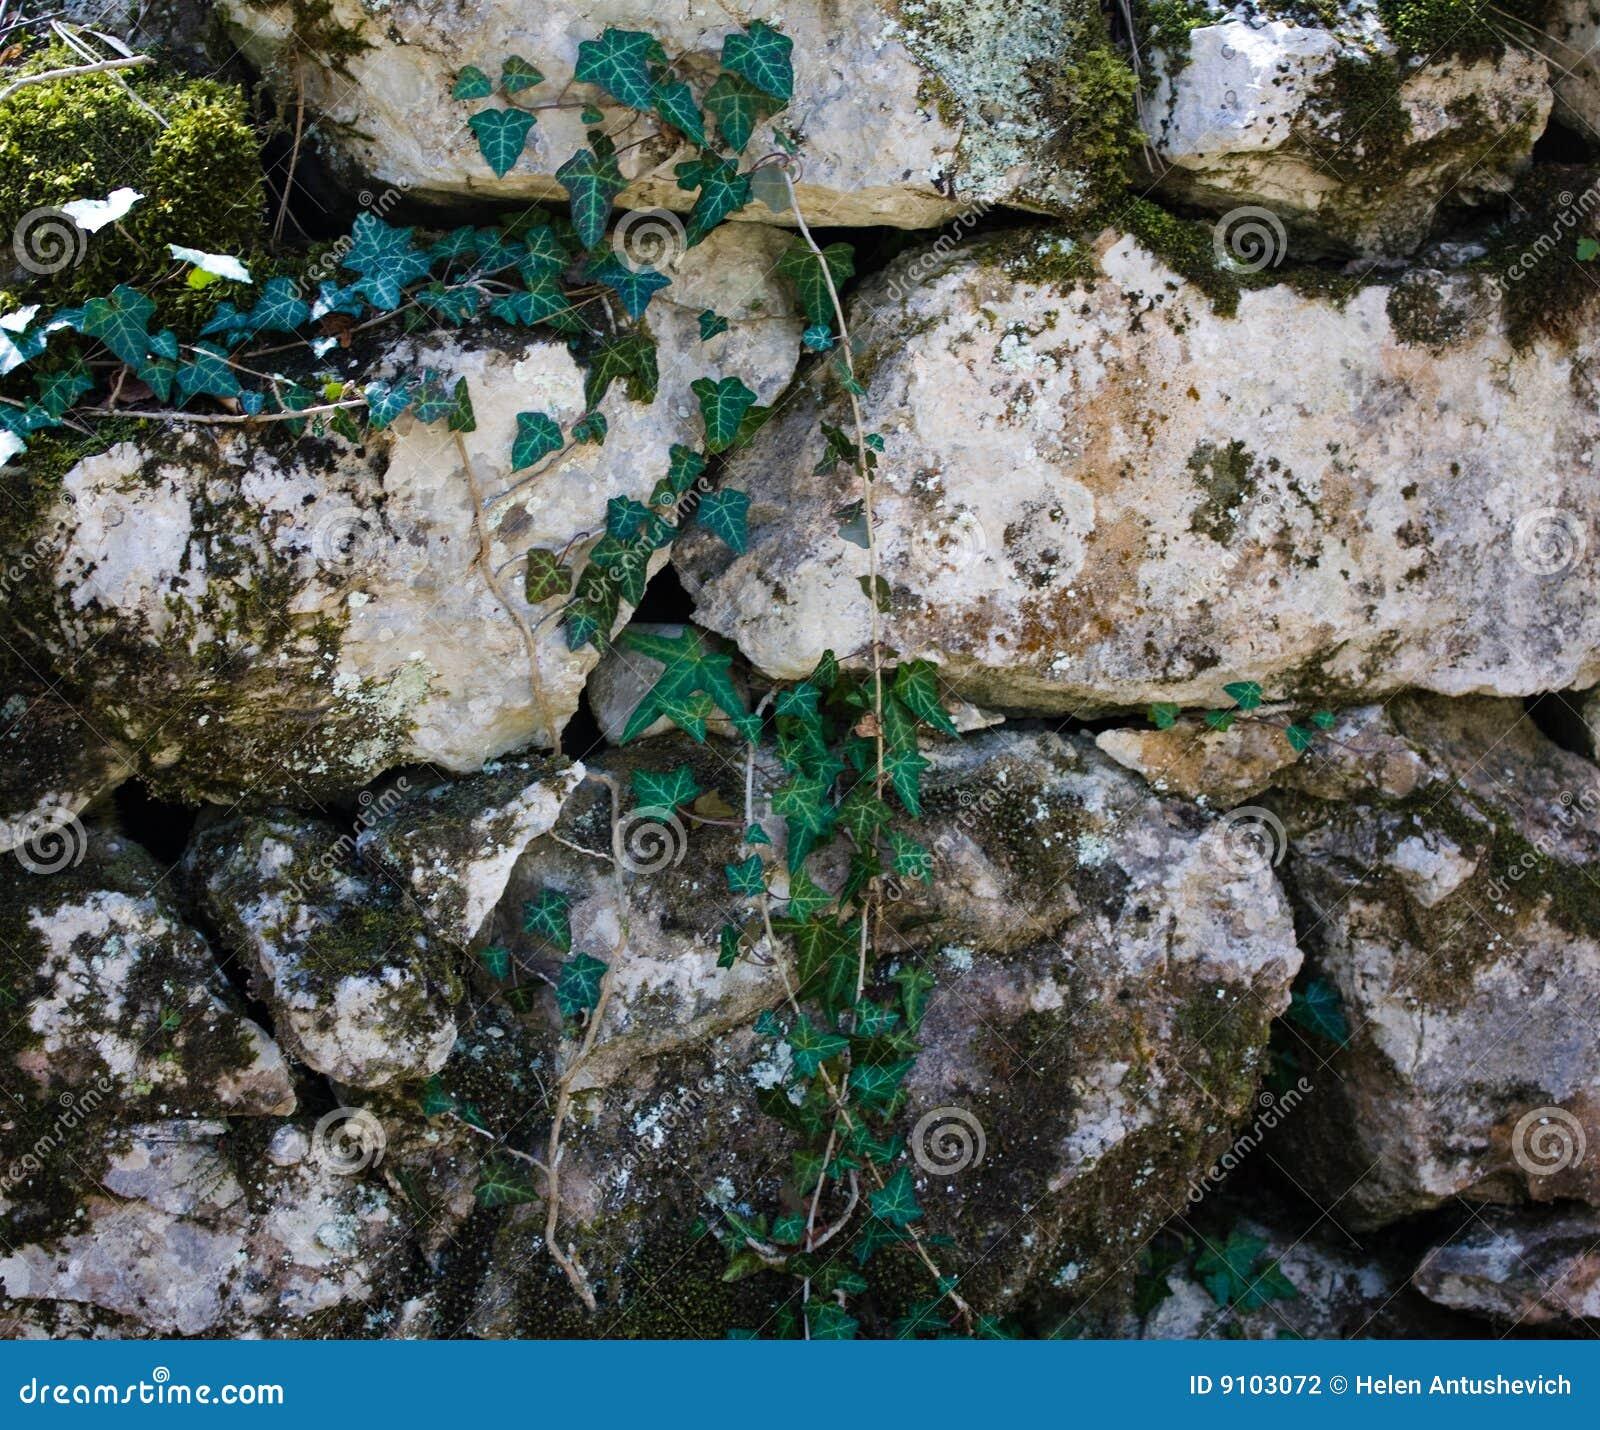 плющ на камнях картинки